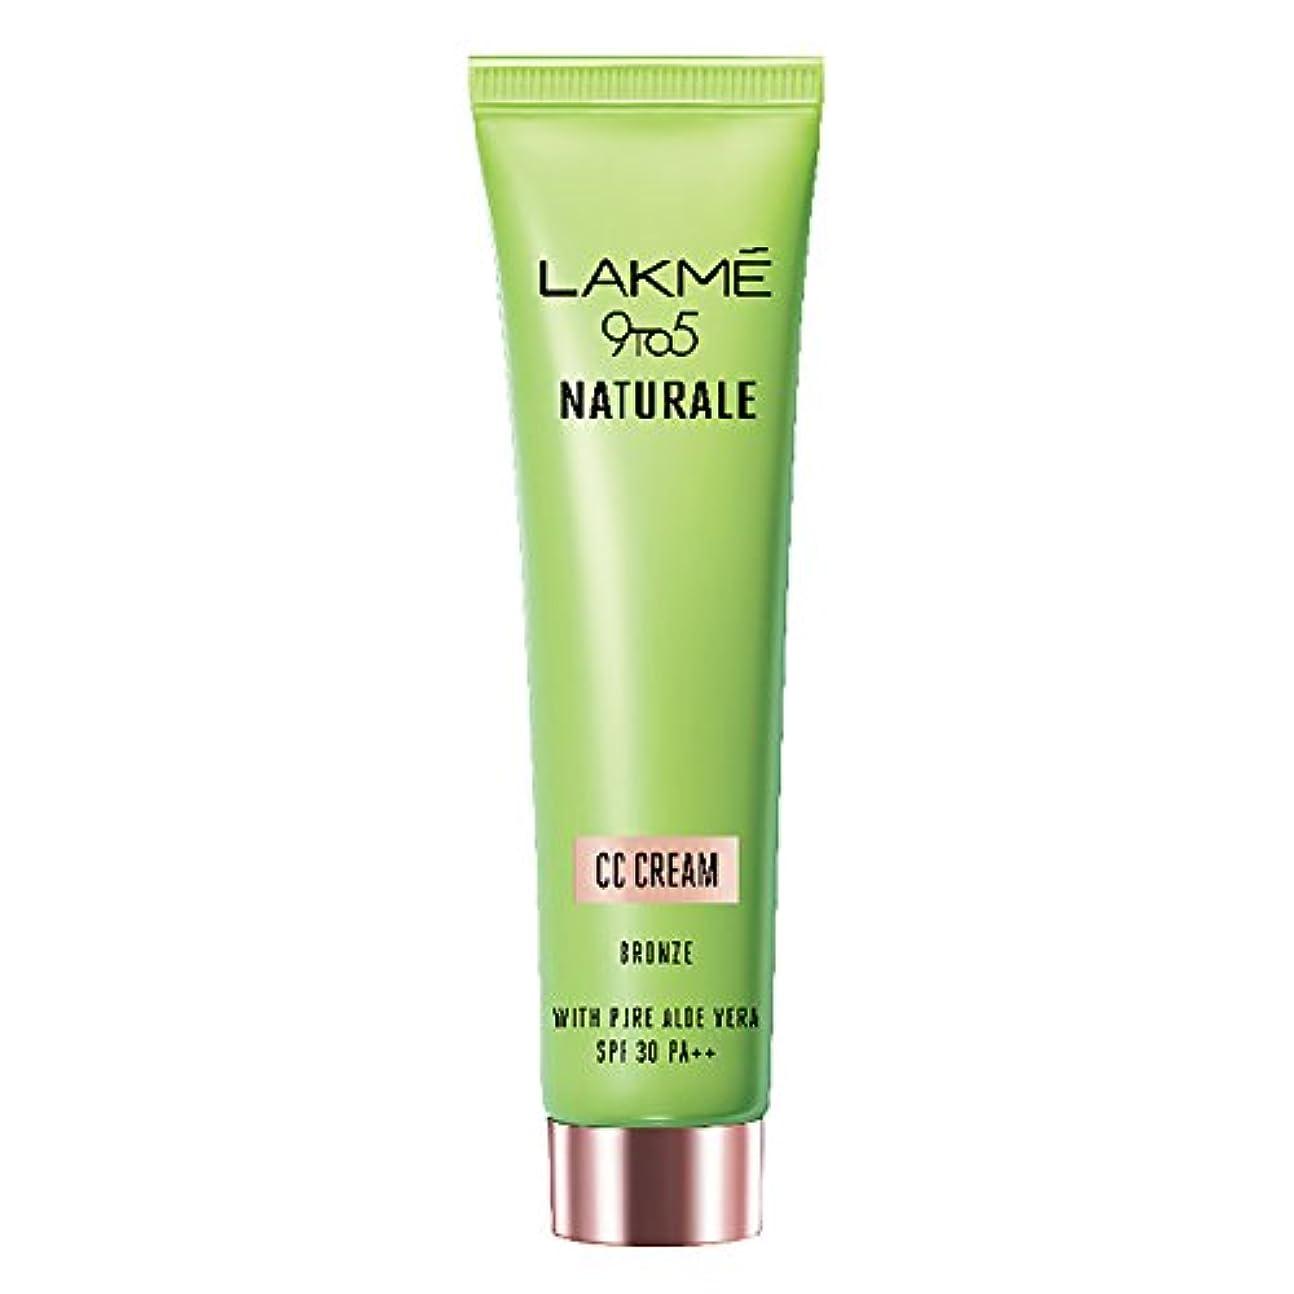 ジャンピングジャック前売州Lakme 9 to 5 Naturale CC Cream, Bronze, 30g